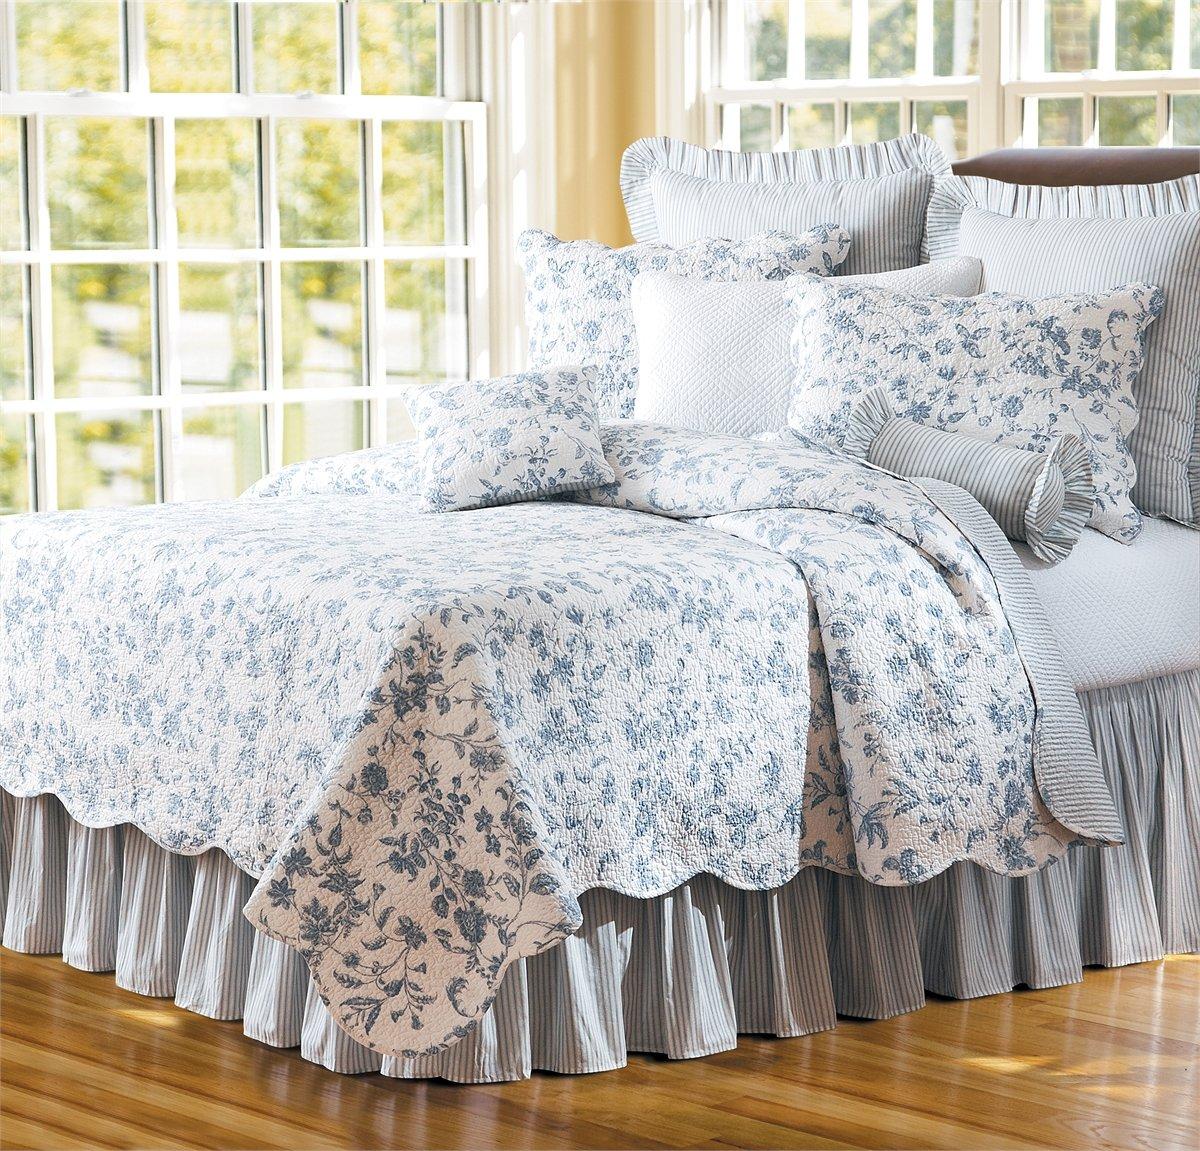 C & F Enterprises Williamsburg Brighton Blue Quilt - Full/Queen